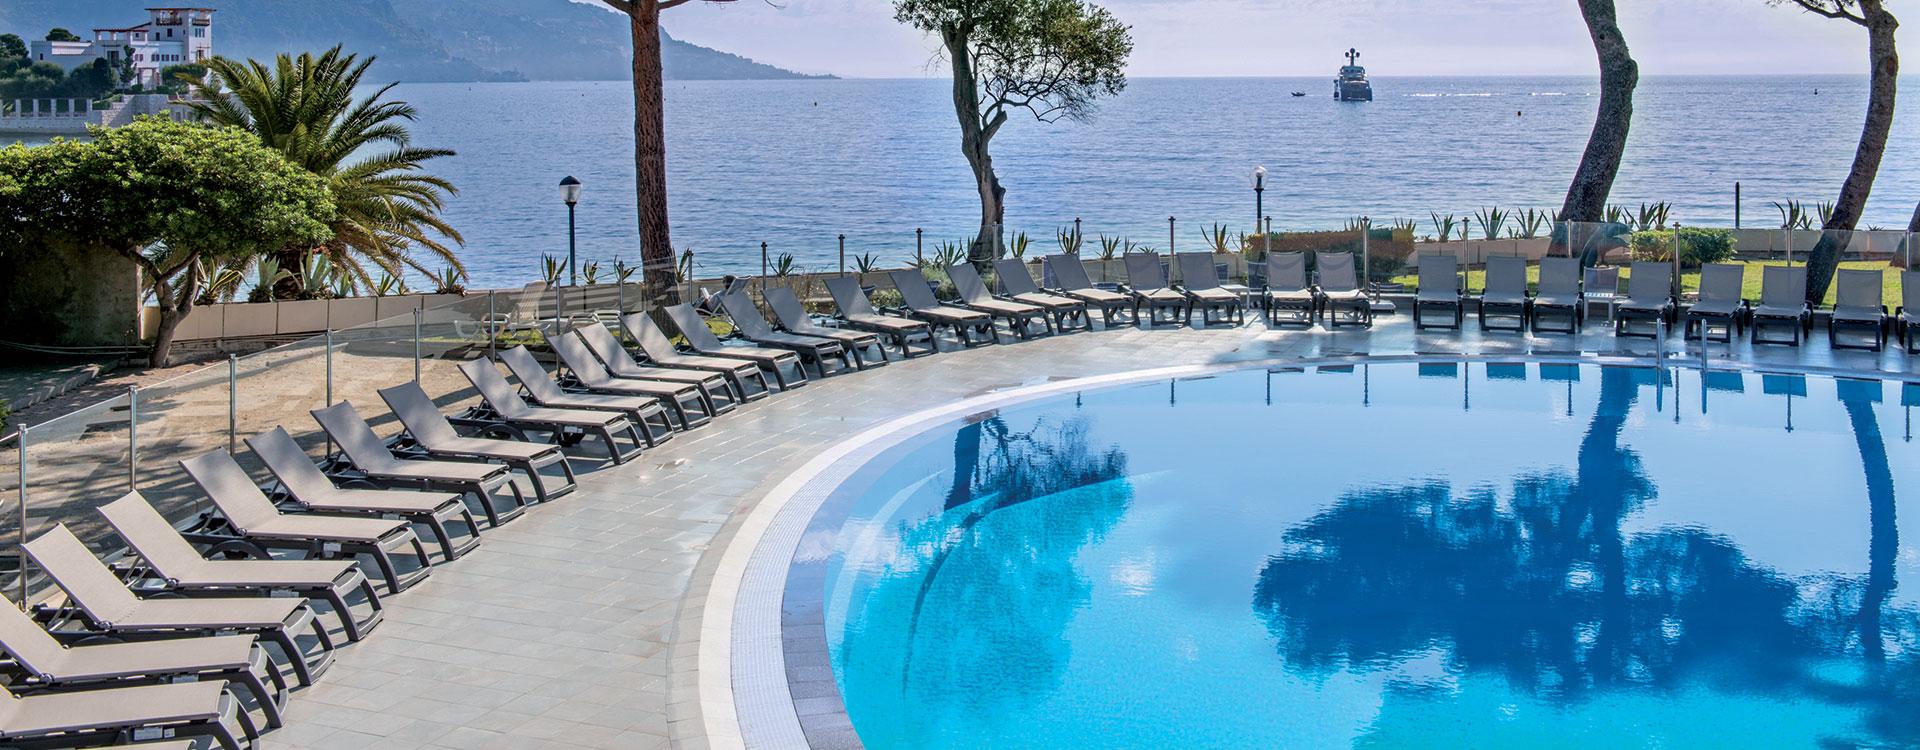 Vue piscine Delcloy